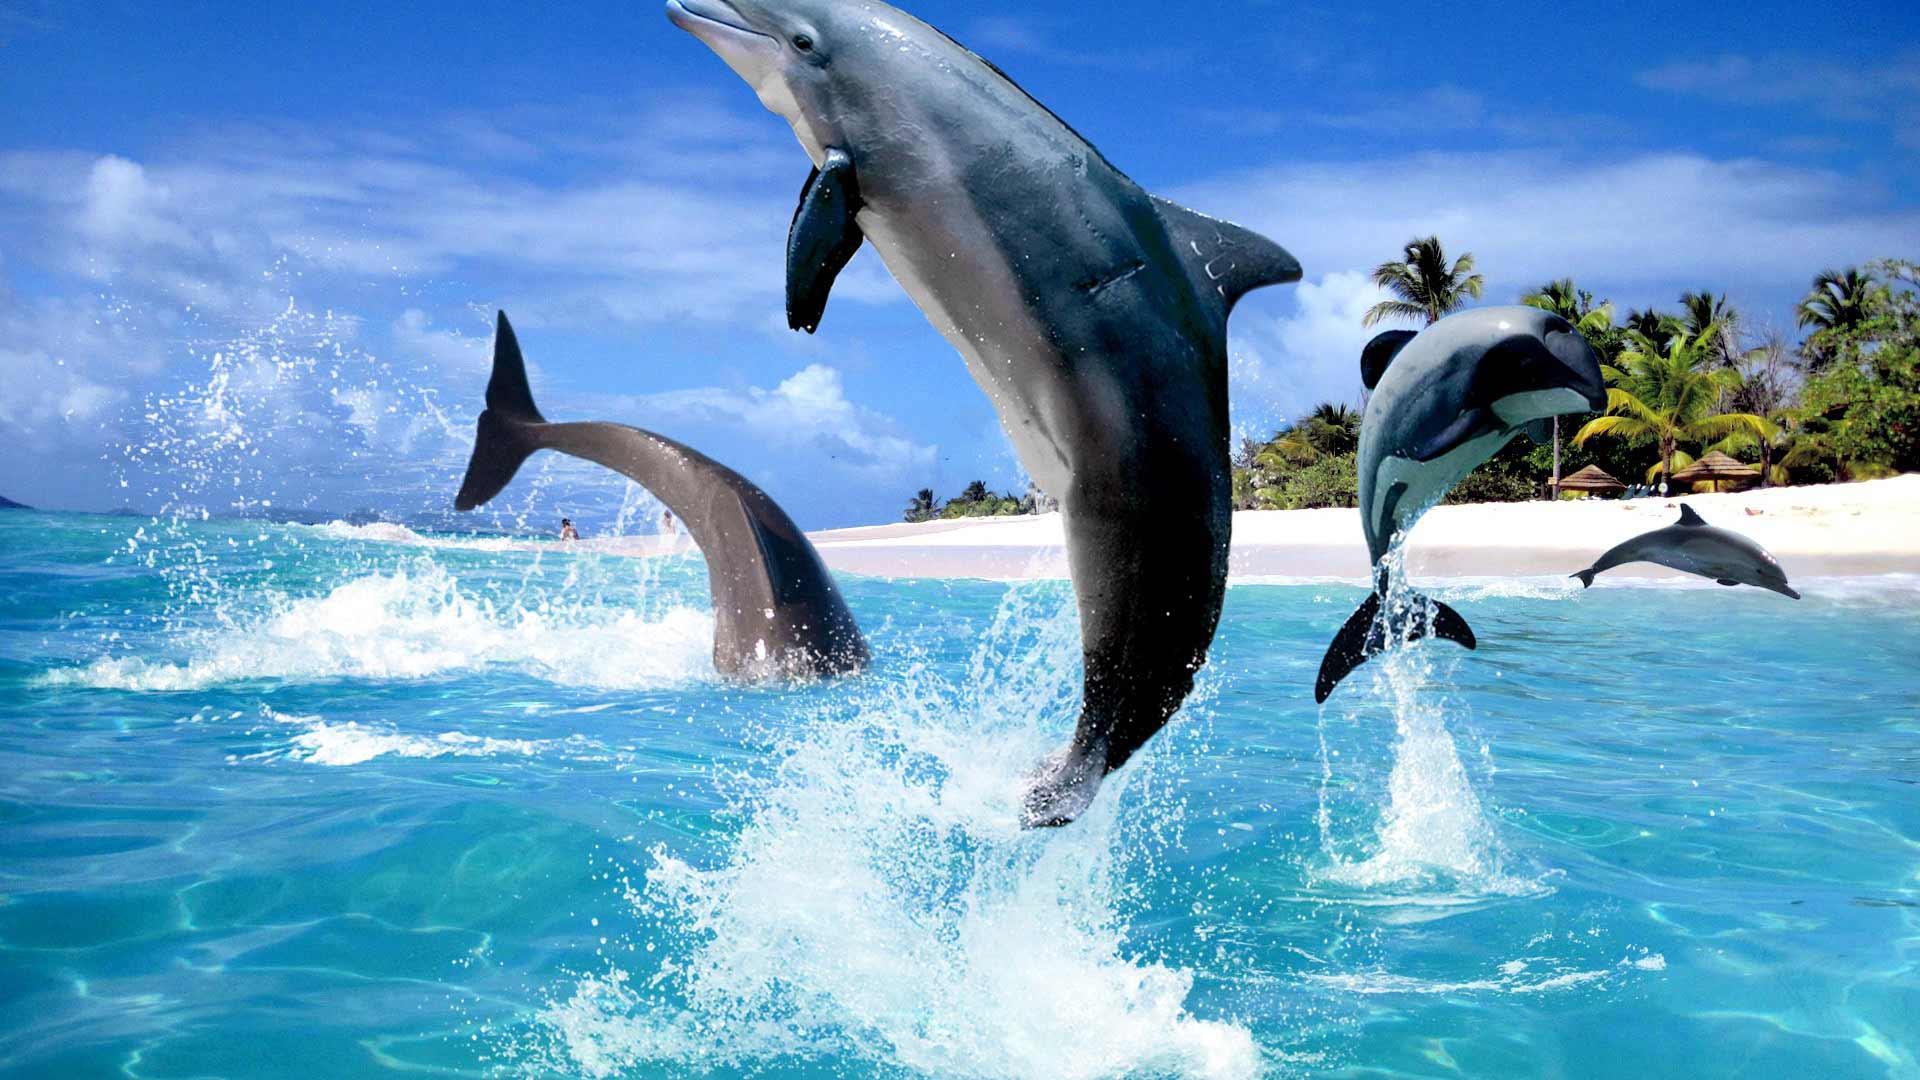 Картинки с дельфином в море, лету